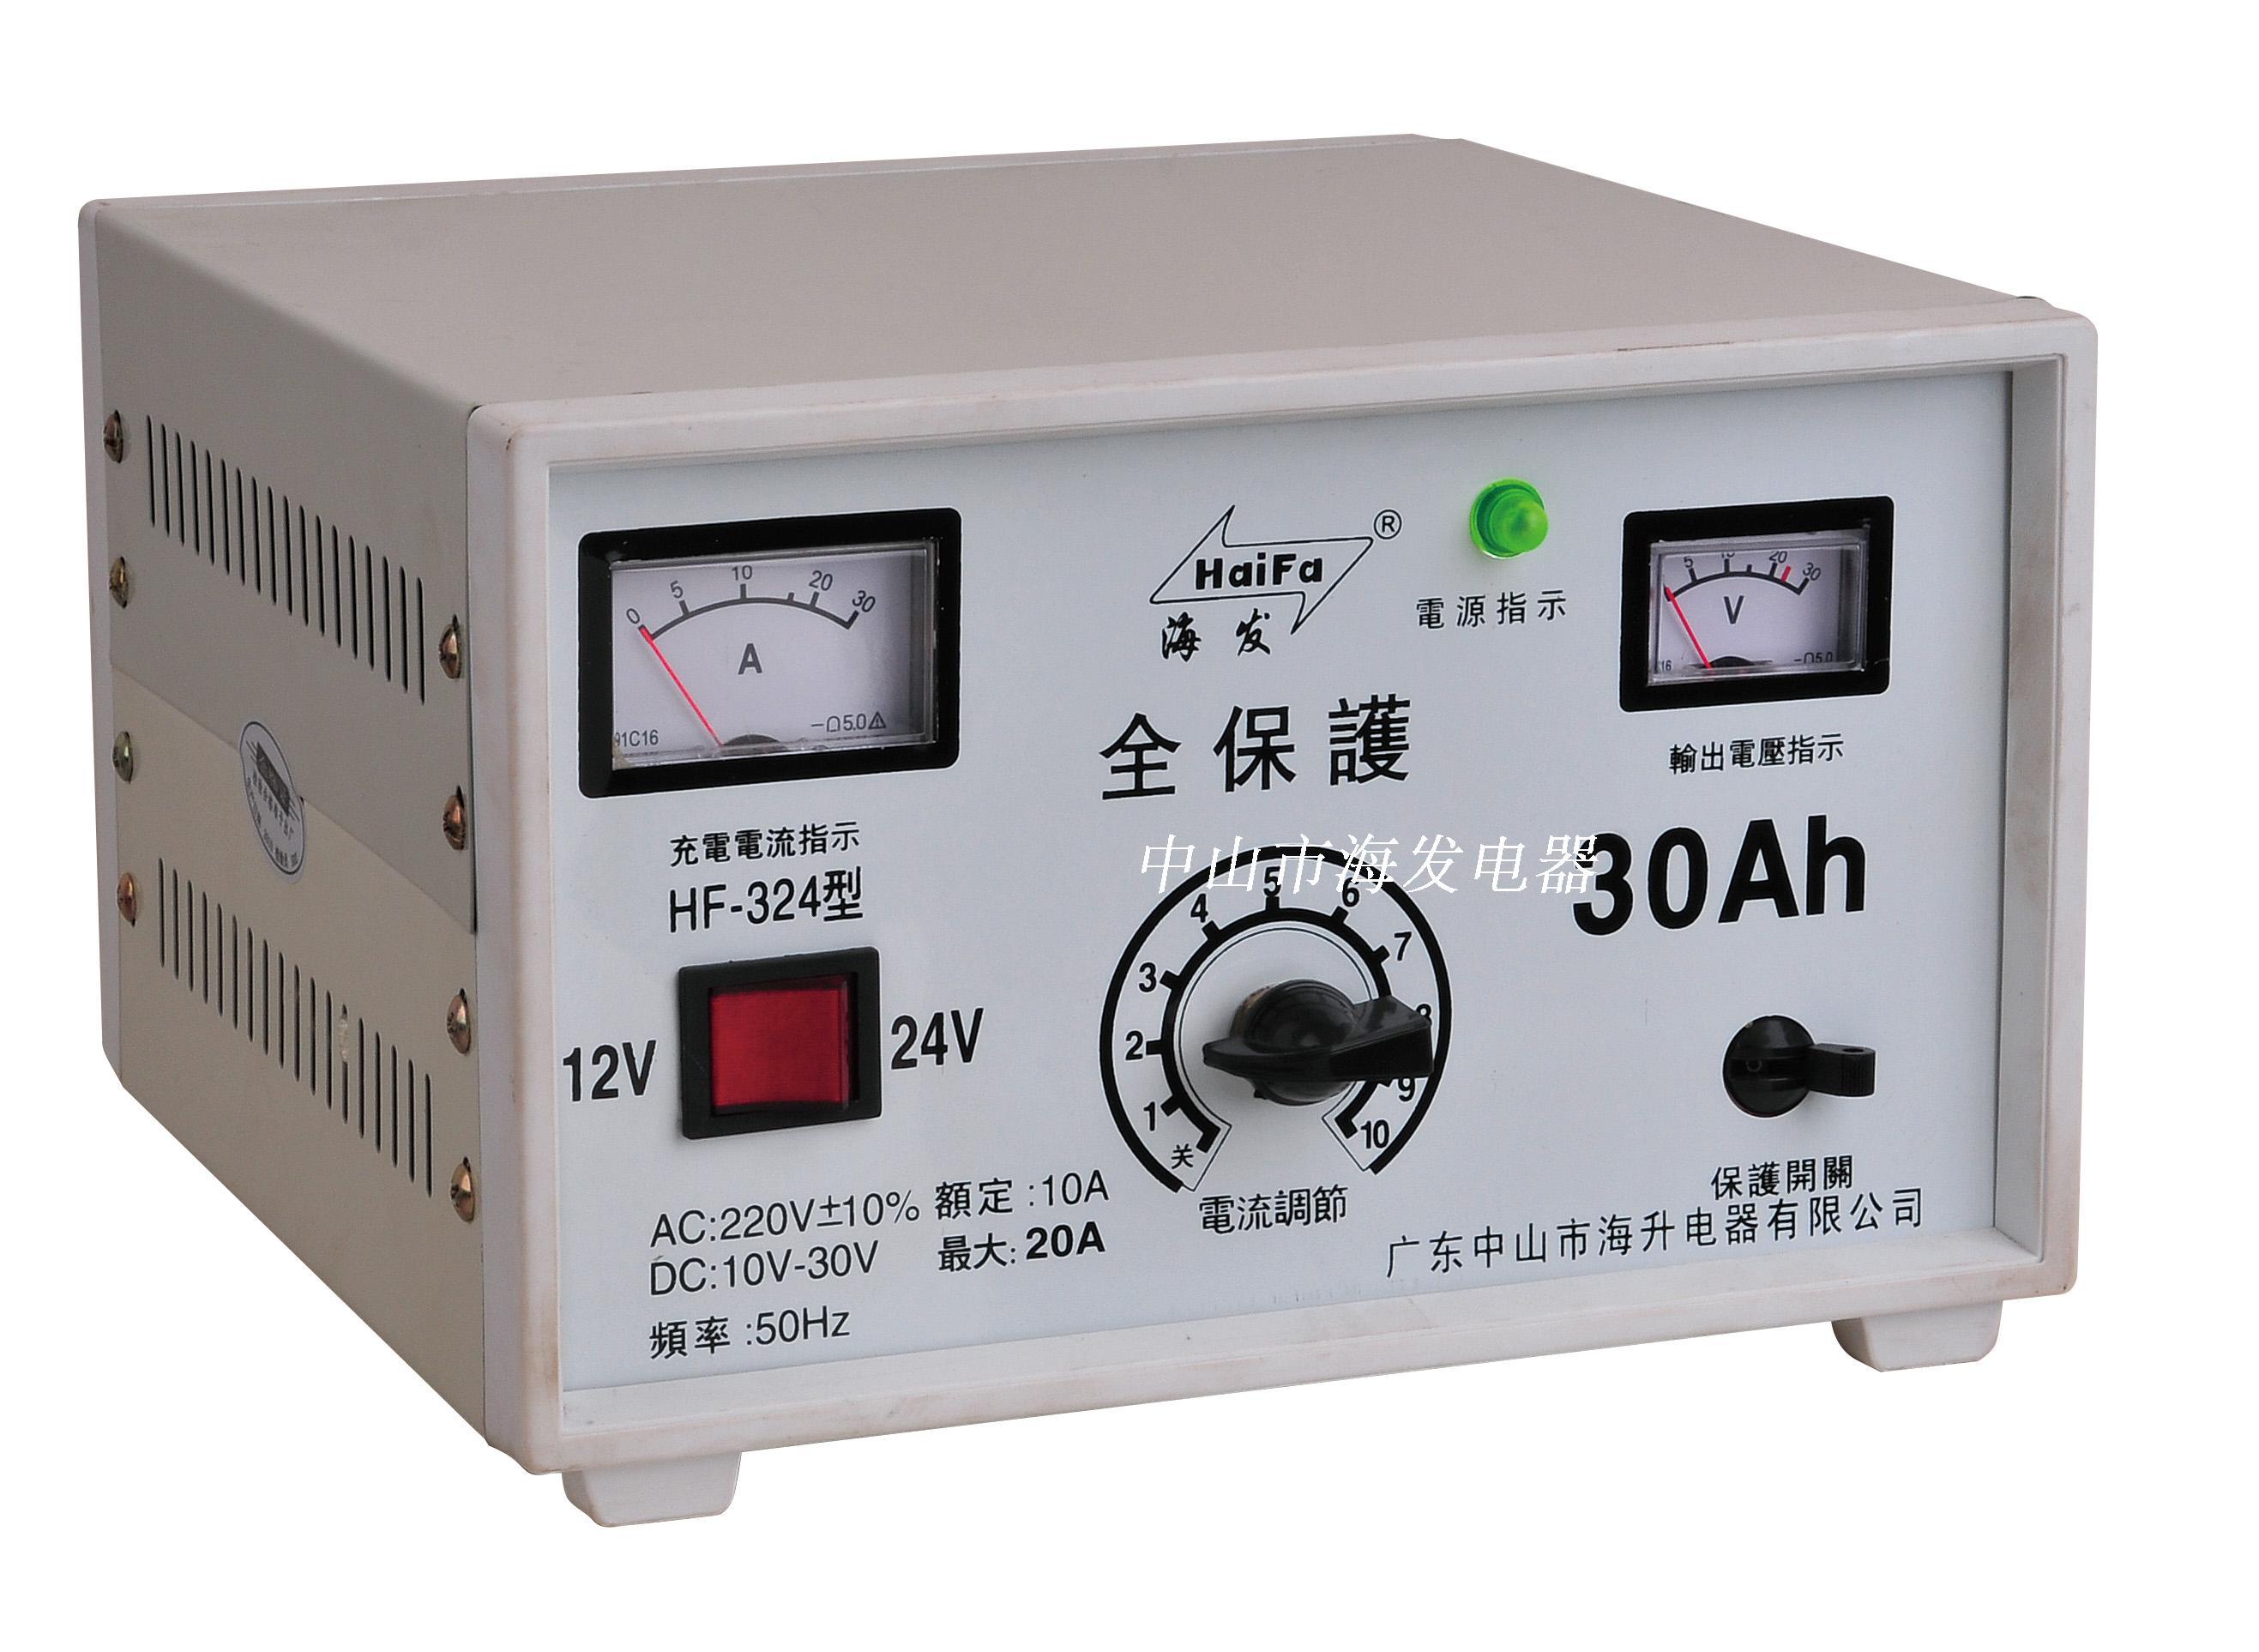 海发正品 12V 24V 电瓶充电器 全保护 30A 可充